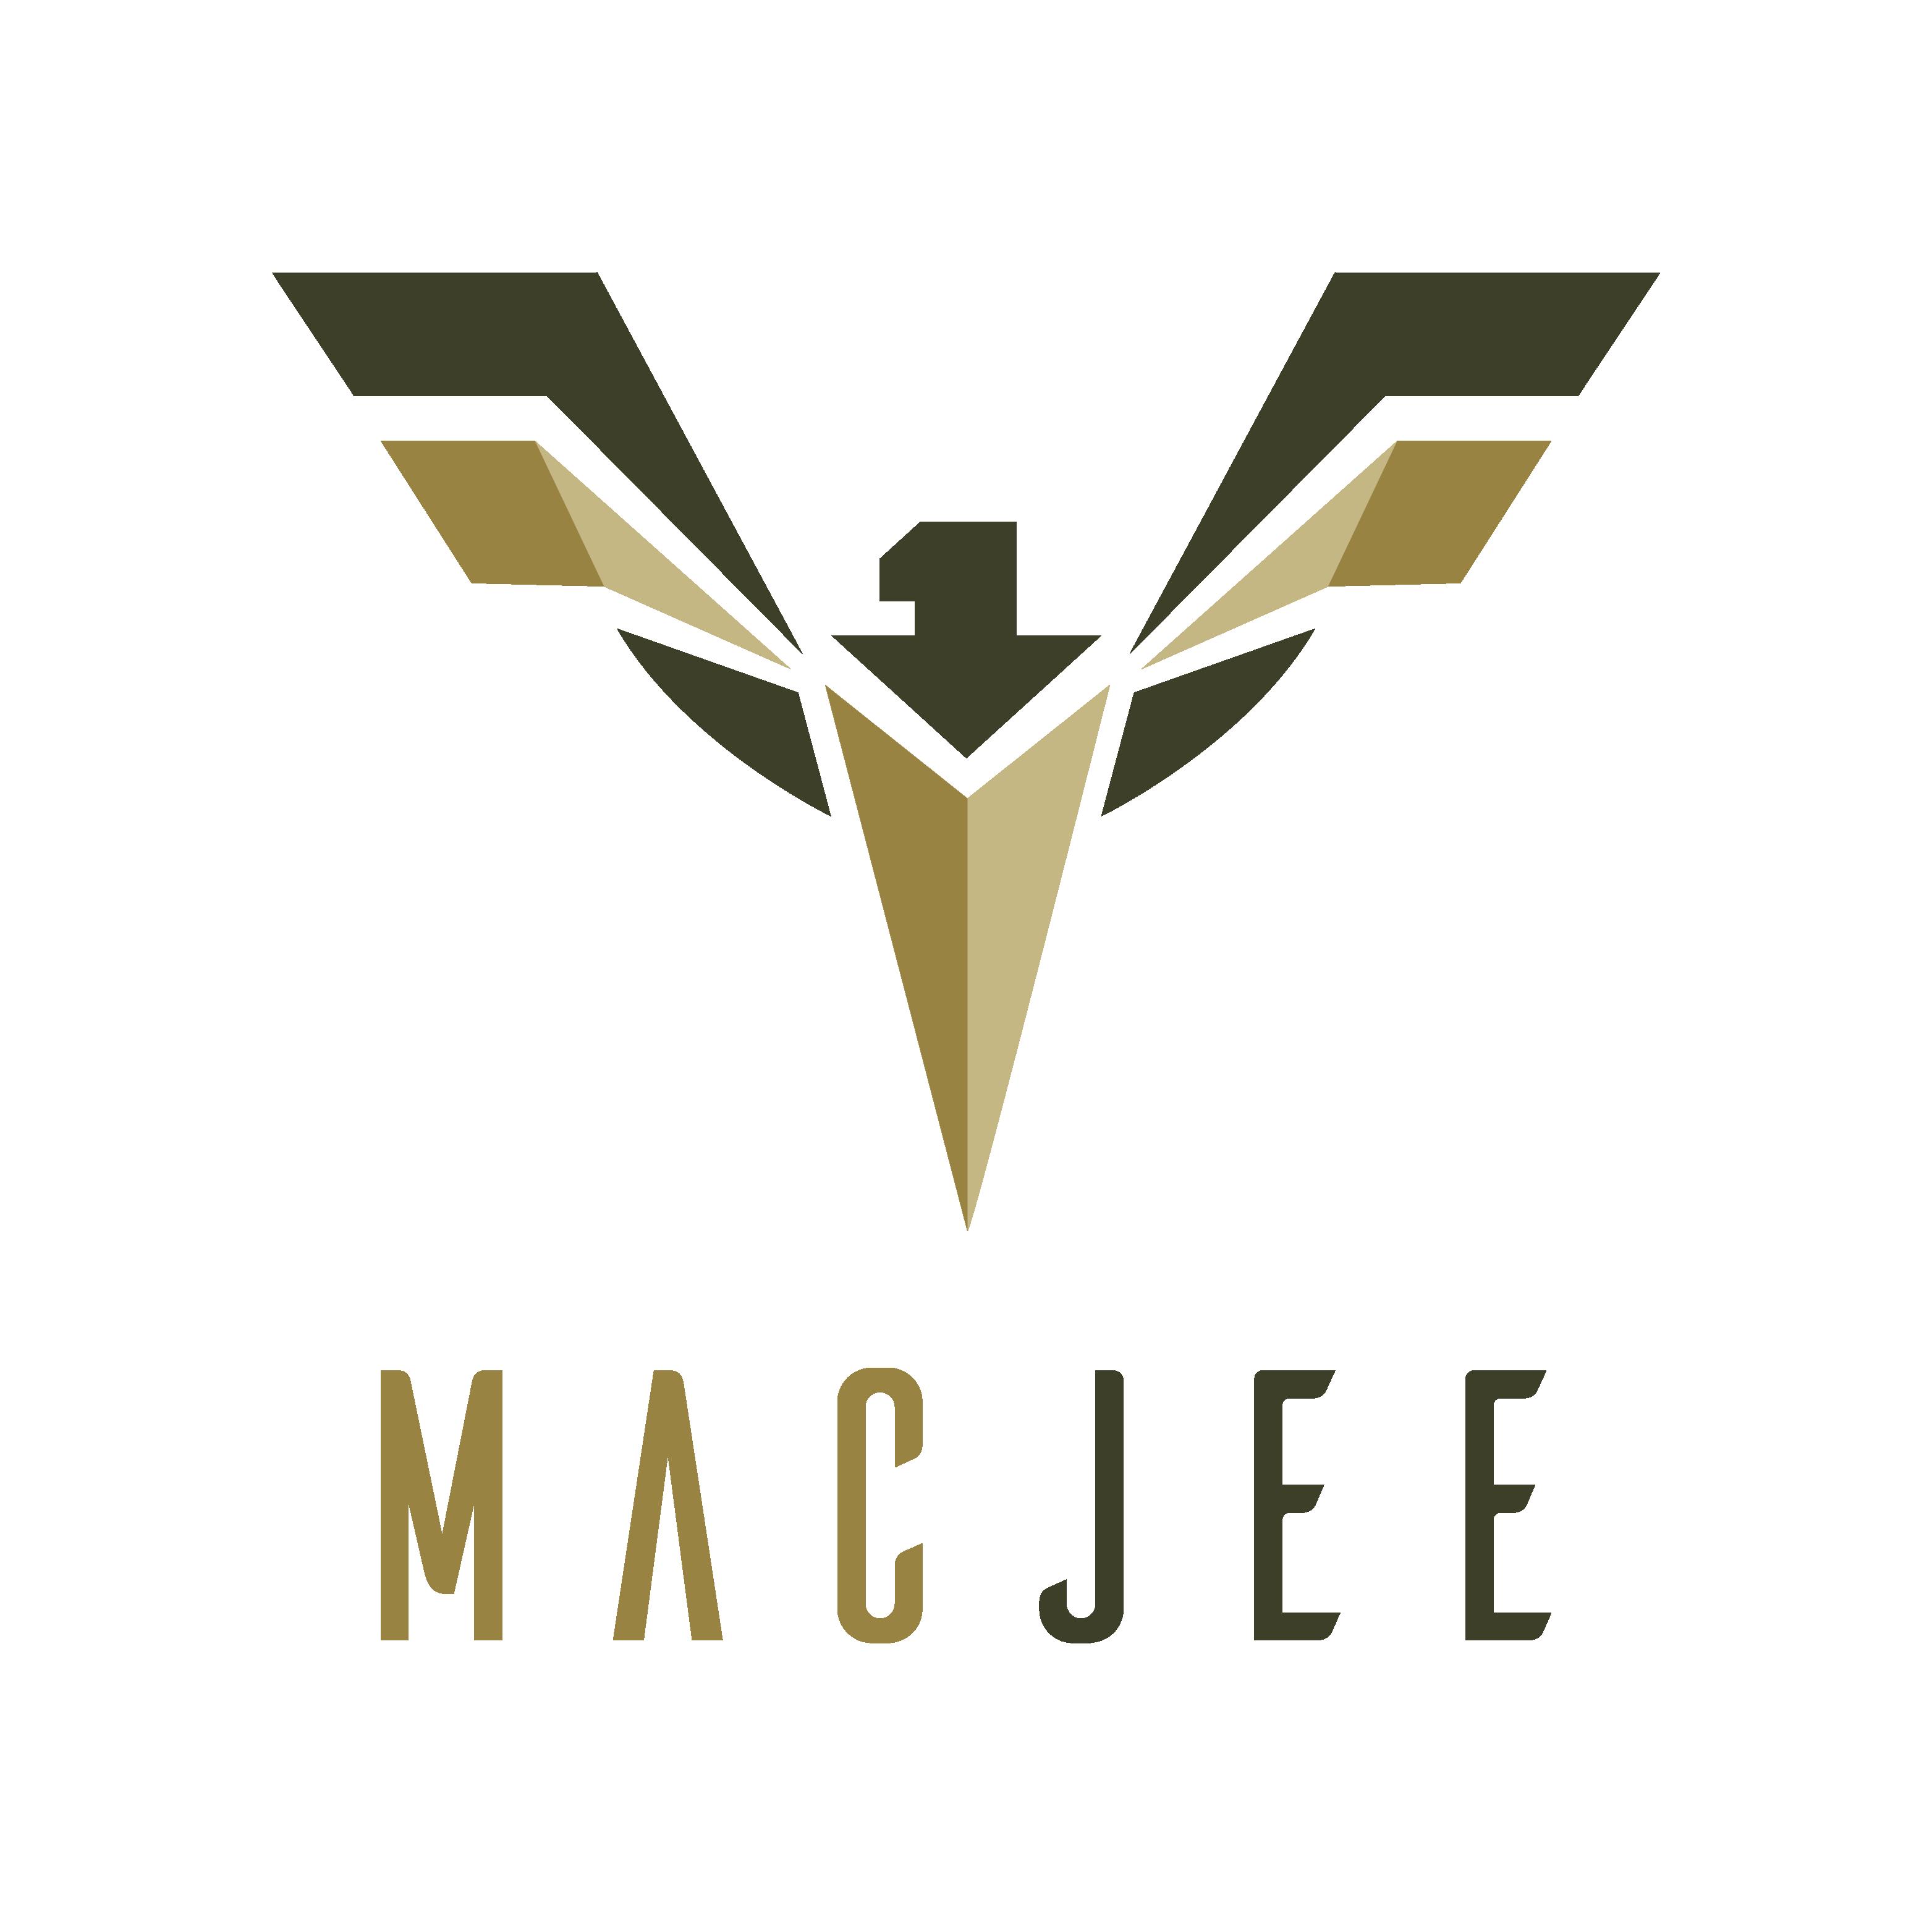 Fundada em 2007, a Mac Jee é responsável pelo desenvolvimento, fabricação e aprimoramento de sistemas de defesa.